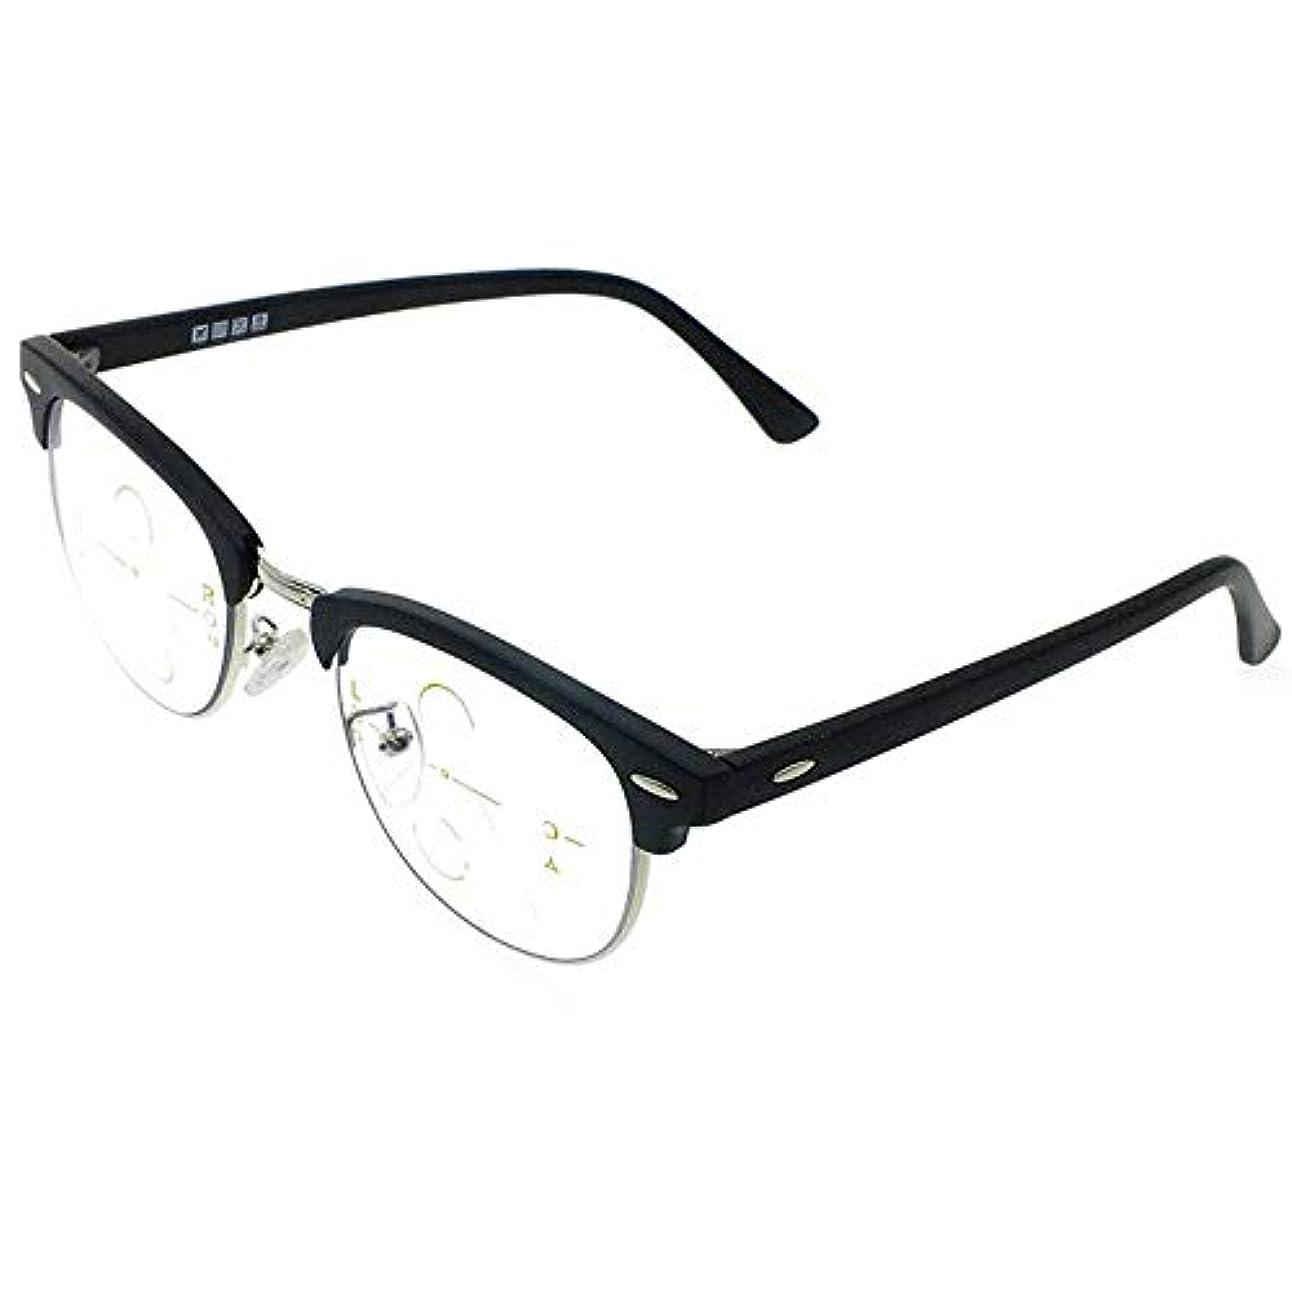 アンチブルー老眼鏡、スマートズームコンピュータリーダー、男性用および女性用ゴーグル用ファッションフレーム、デュアルユース、高解像度コーティングレンズ(+3.0)